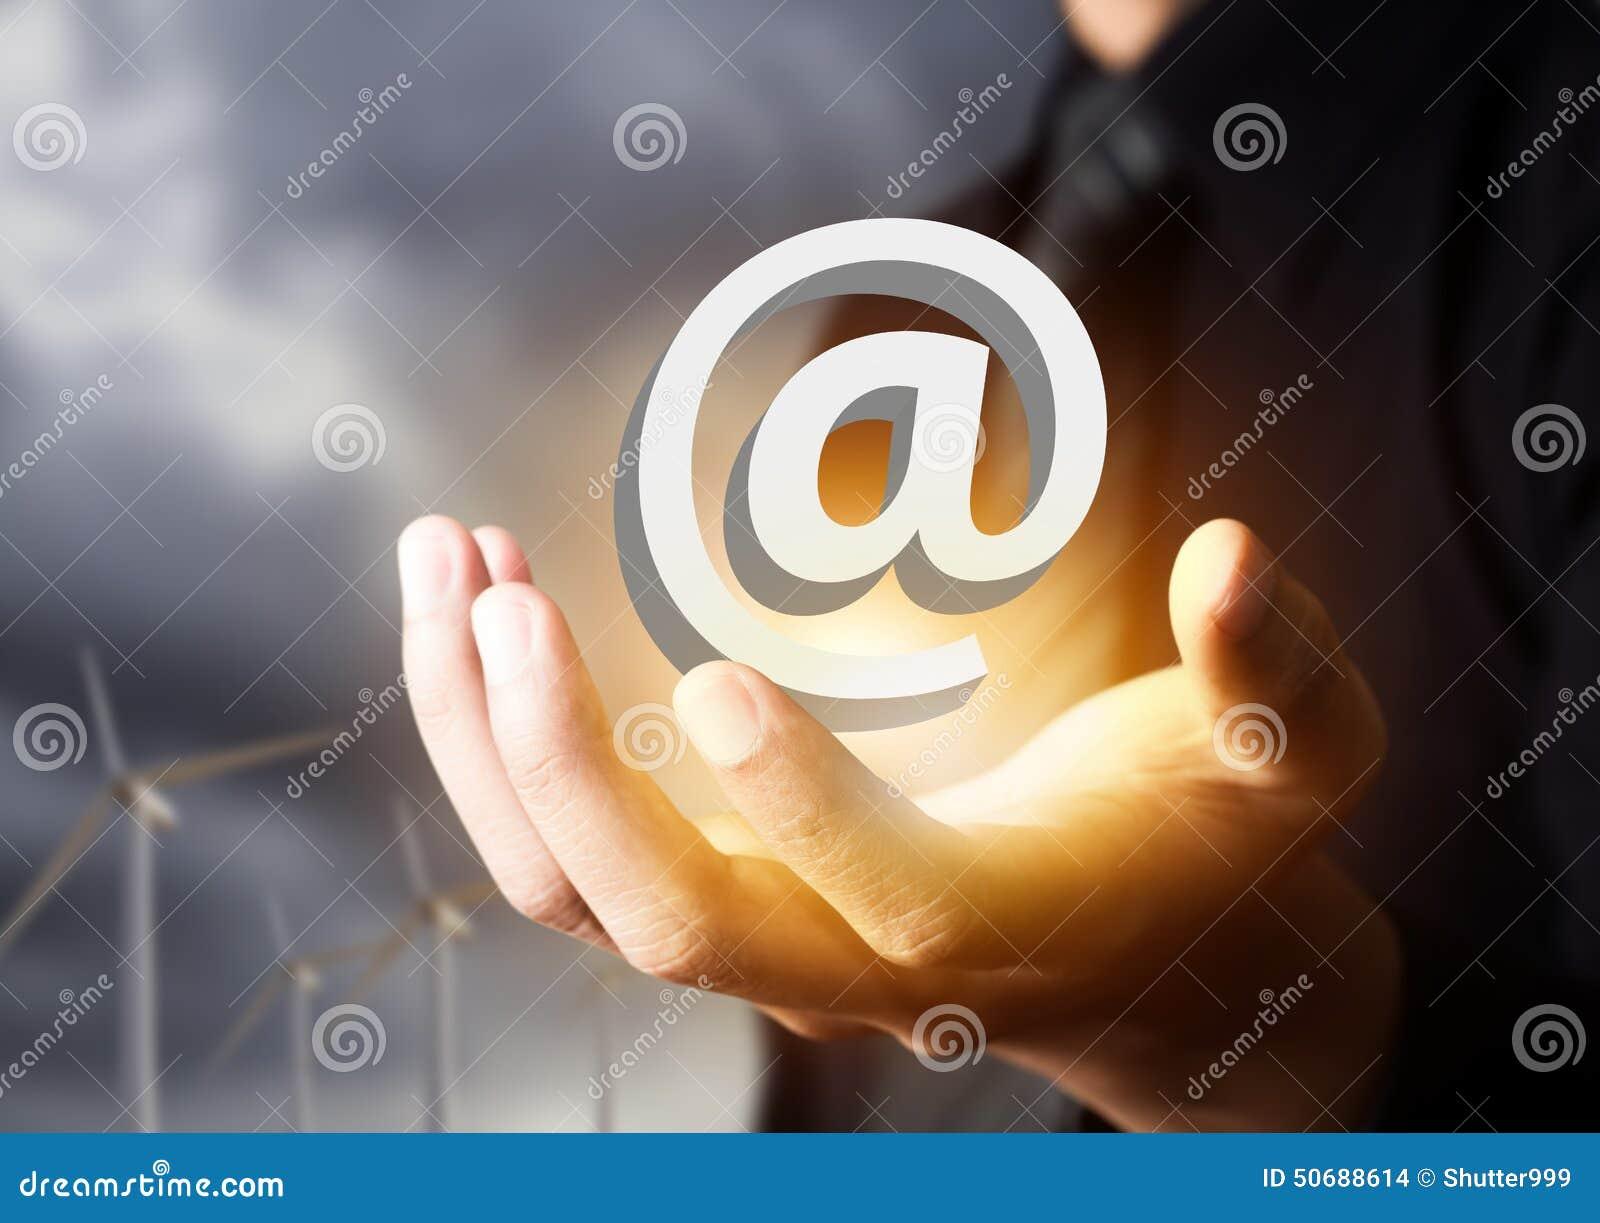 Download 与我们联系象在商人手上 库存照片. 图片 包括有 互联网, 计算机, 概念, 关心, 钞票, 商业, 反馈 - 50688614